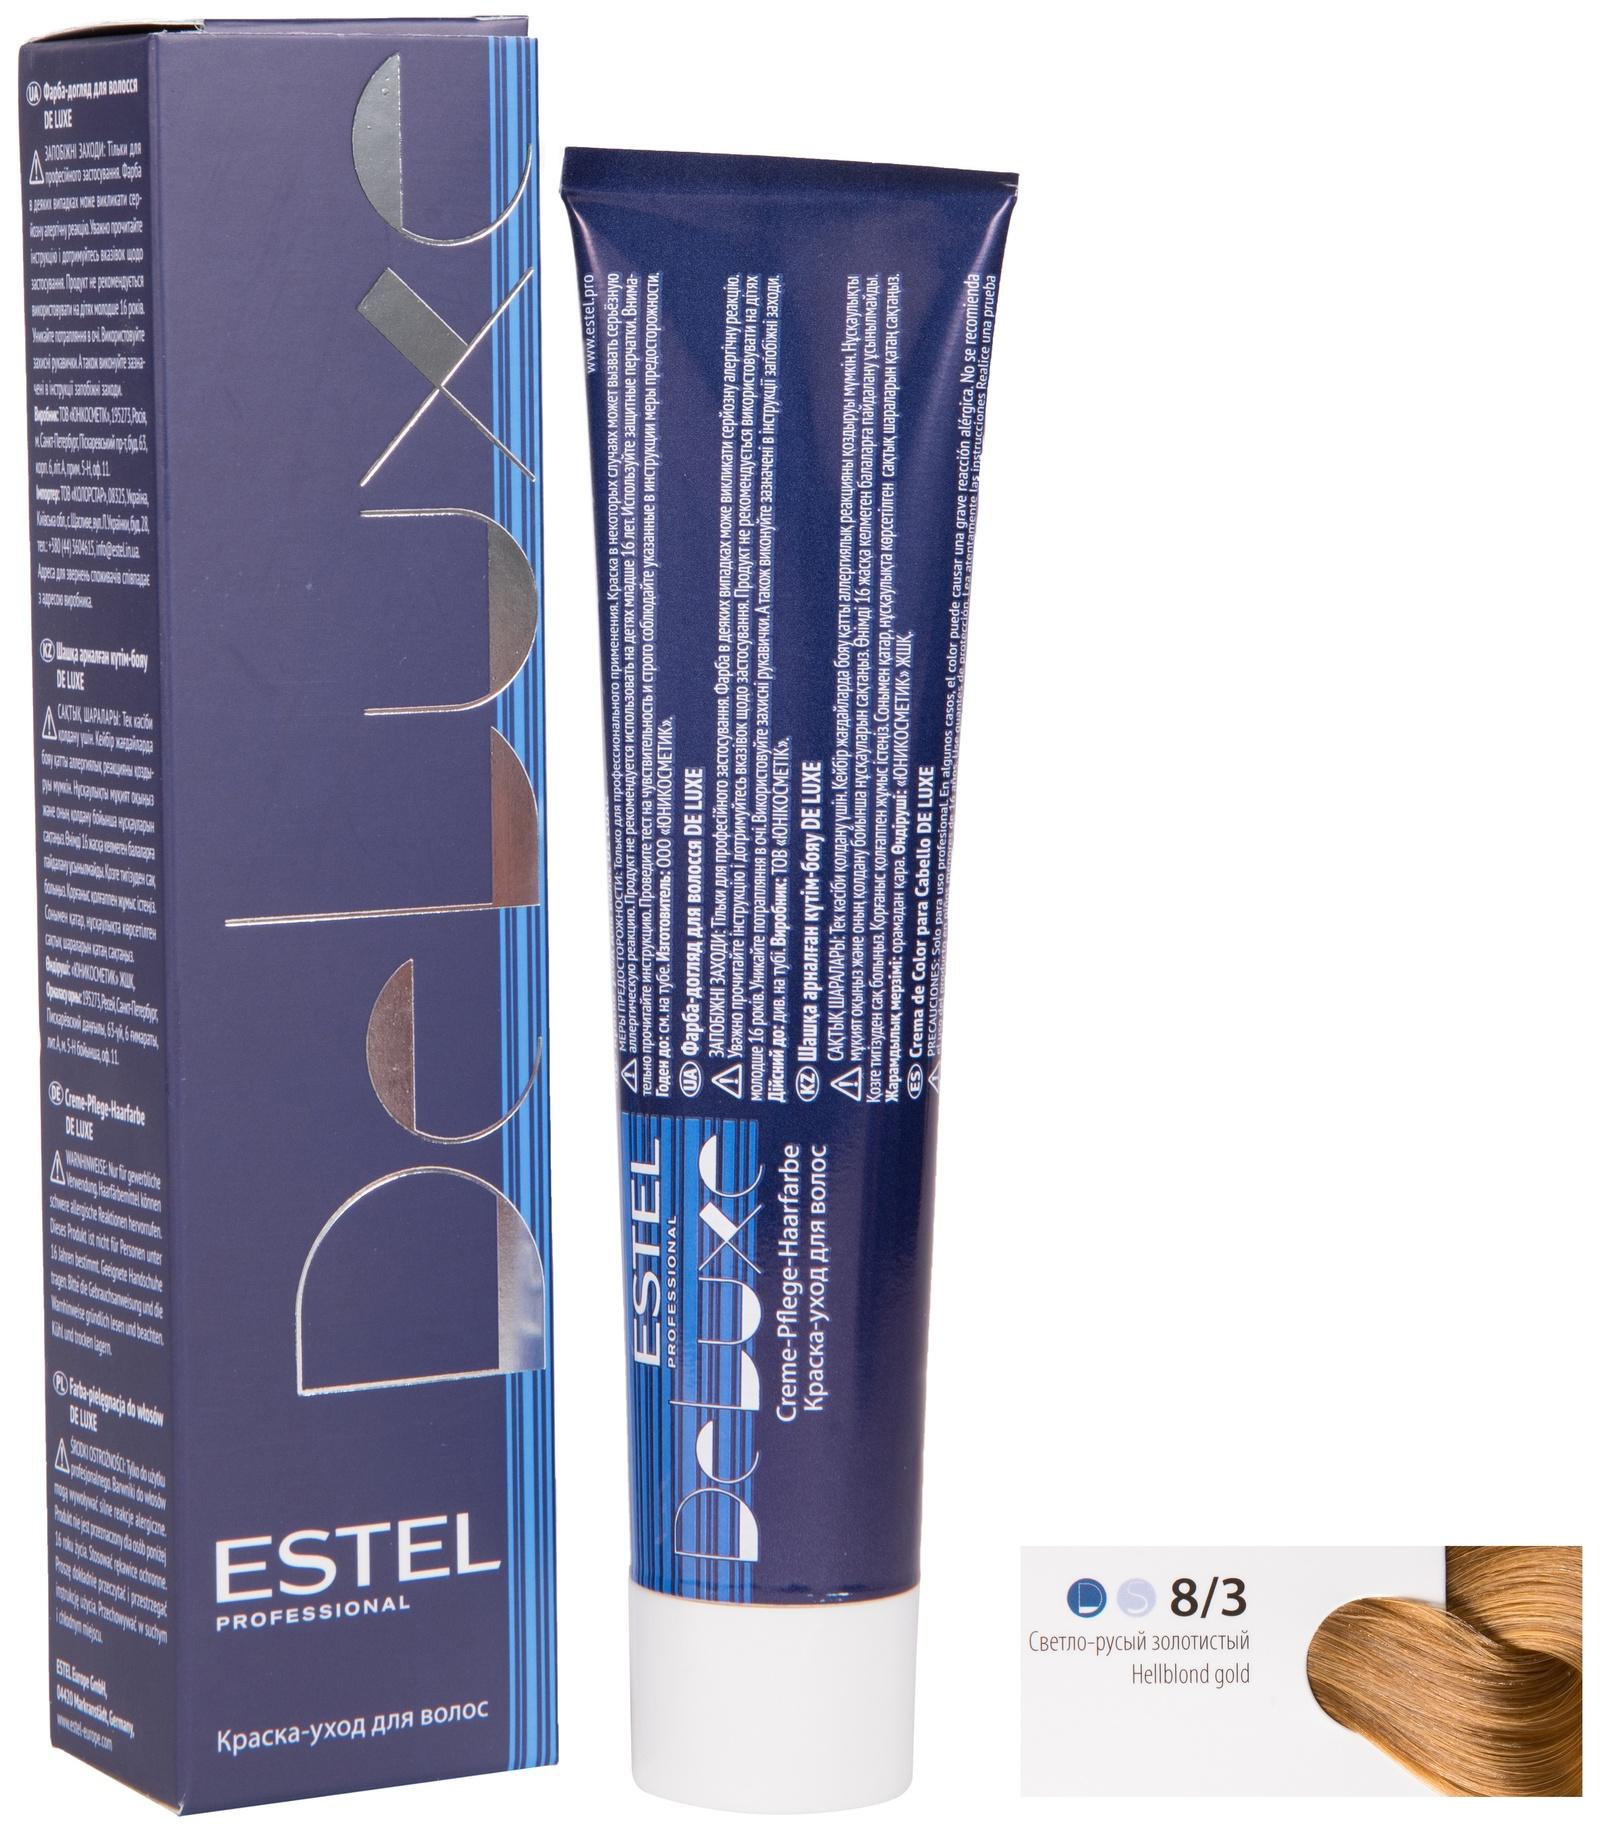 Краска для волос ESTEL PROFESSIONAL DL_окрашиваниеNDL8.3Благодаря содержанию натуральных масел и пантенола краска быстро впитывается в волосы и оказывает ухаживающее действие. Придает глубокий стойкий цвет, смягчает текстуру волос и наполняет изысканным блеском по всей длине.